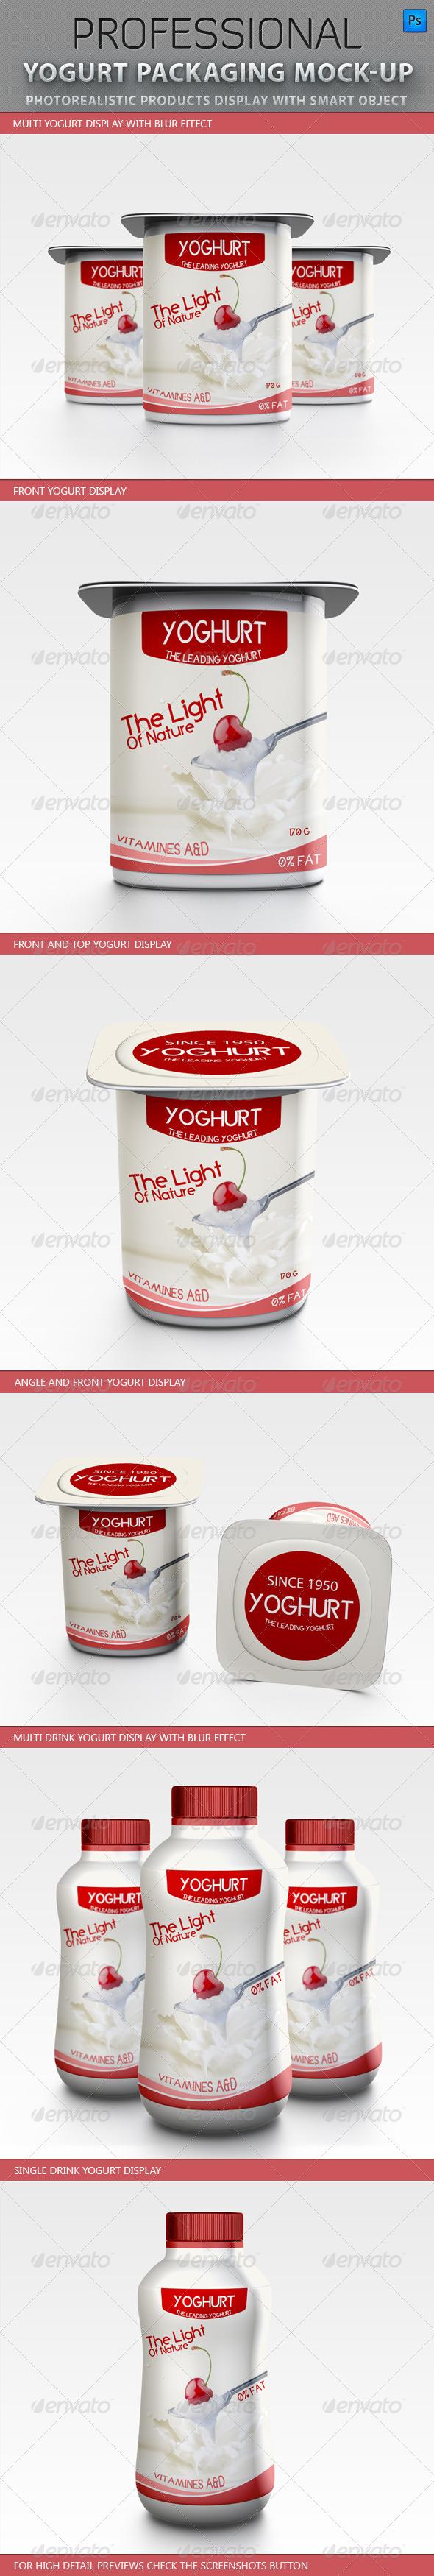 Yogurt packaging Mockup - Food and Drink Packaging